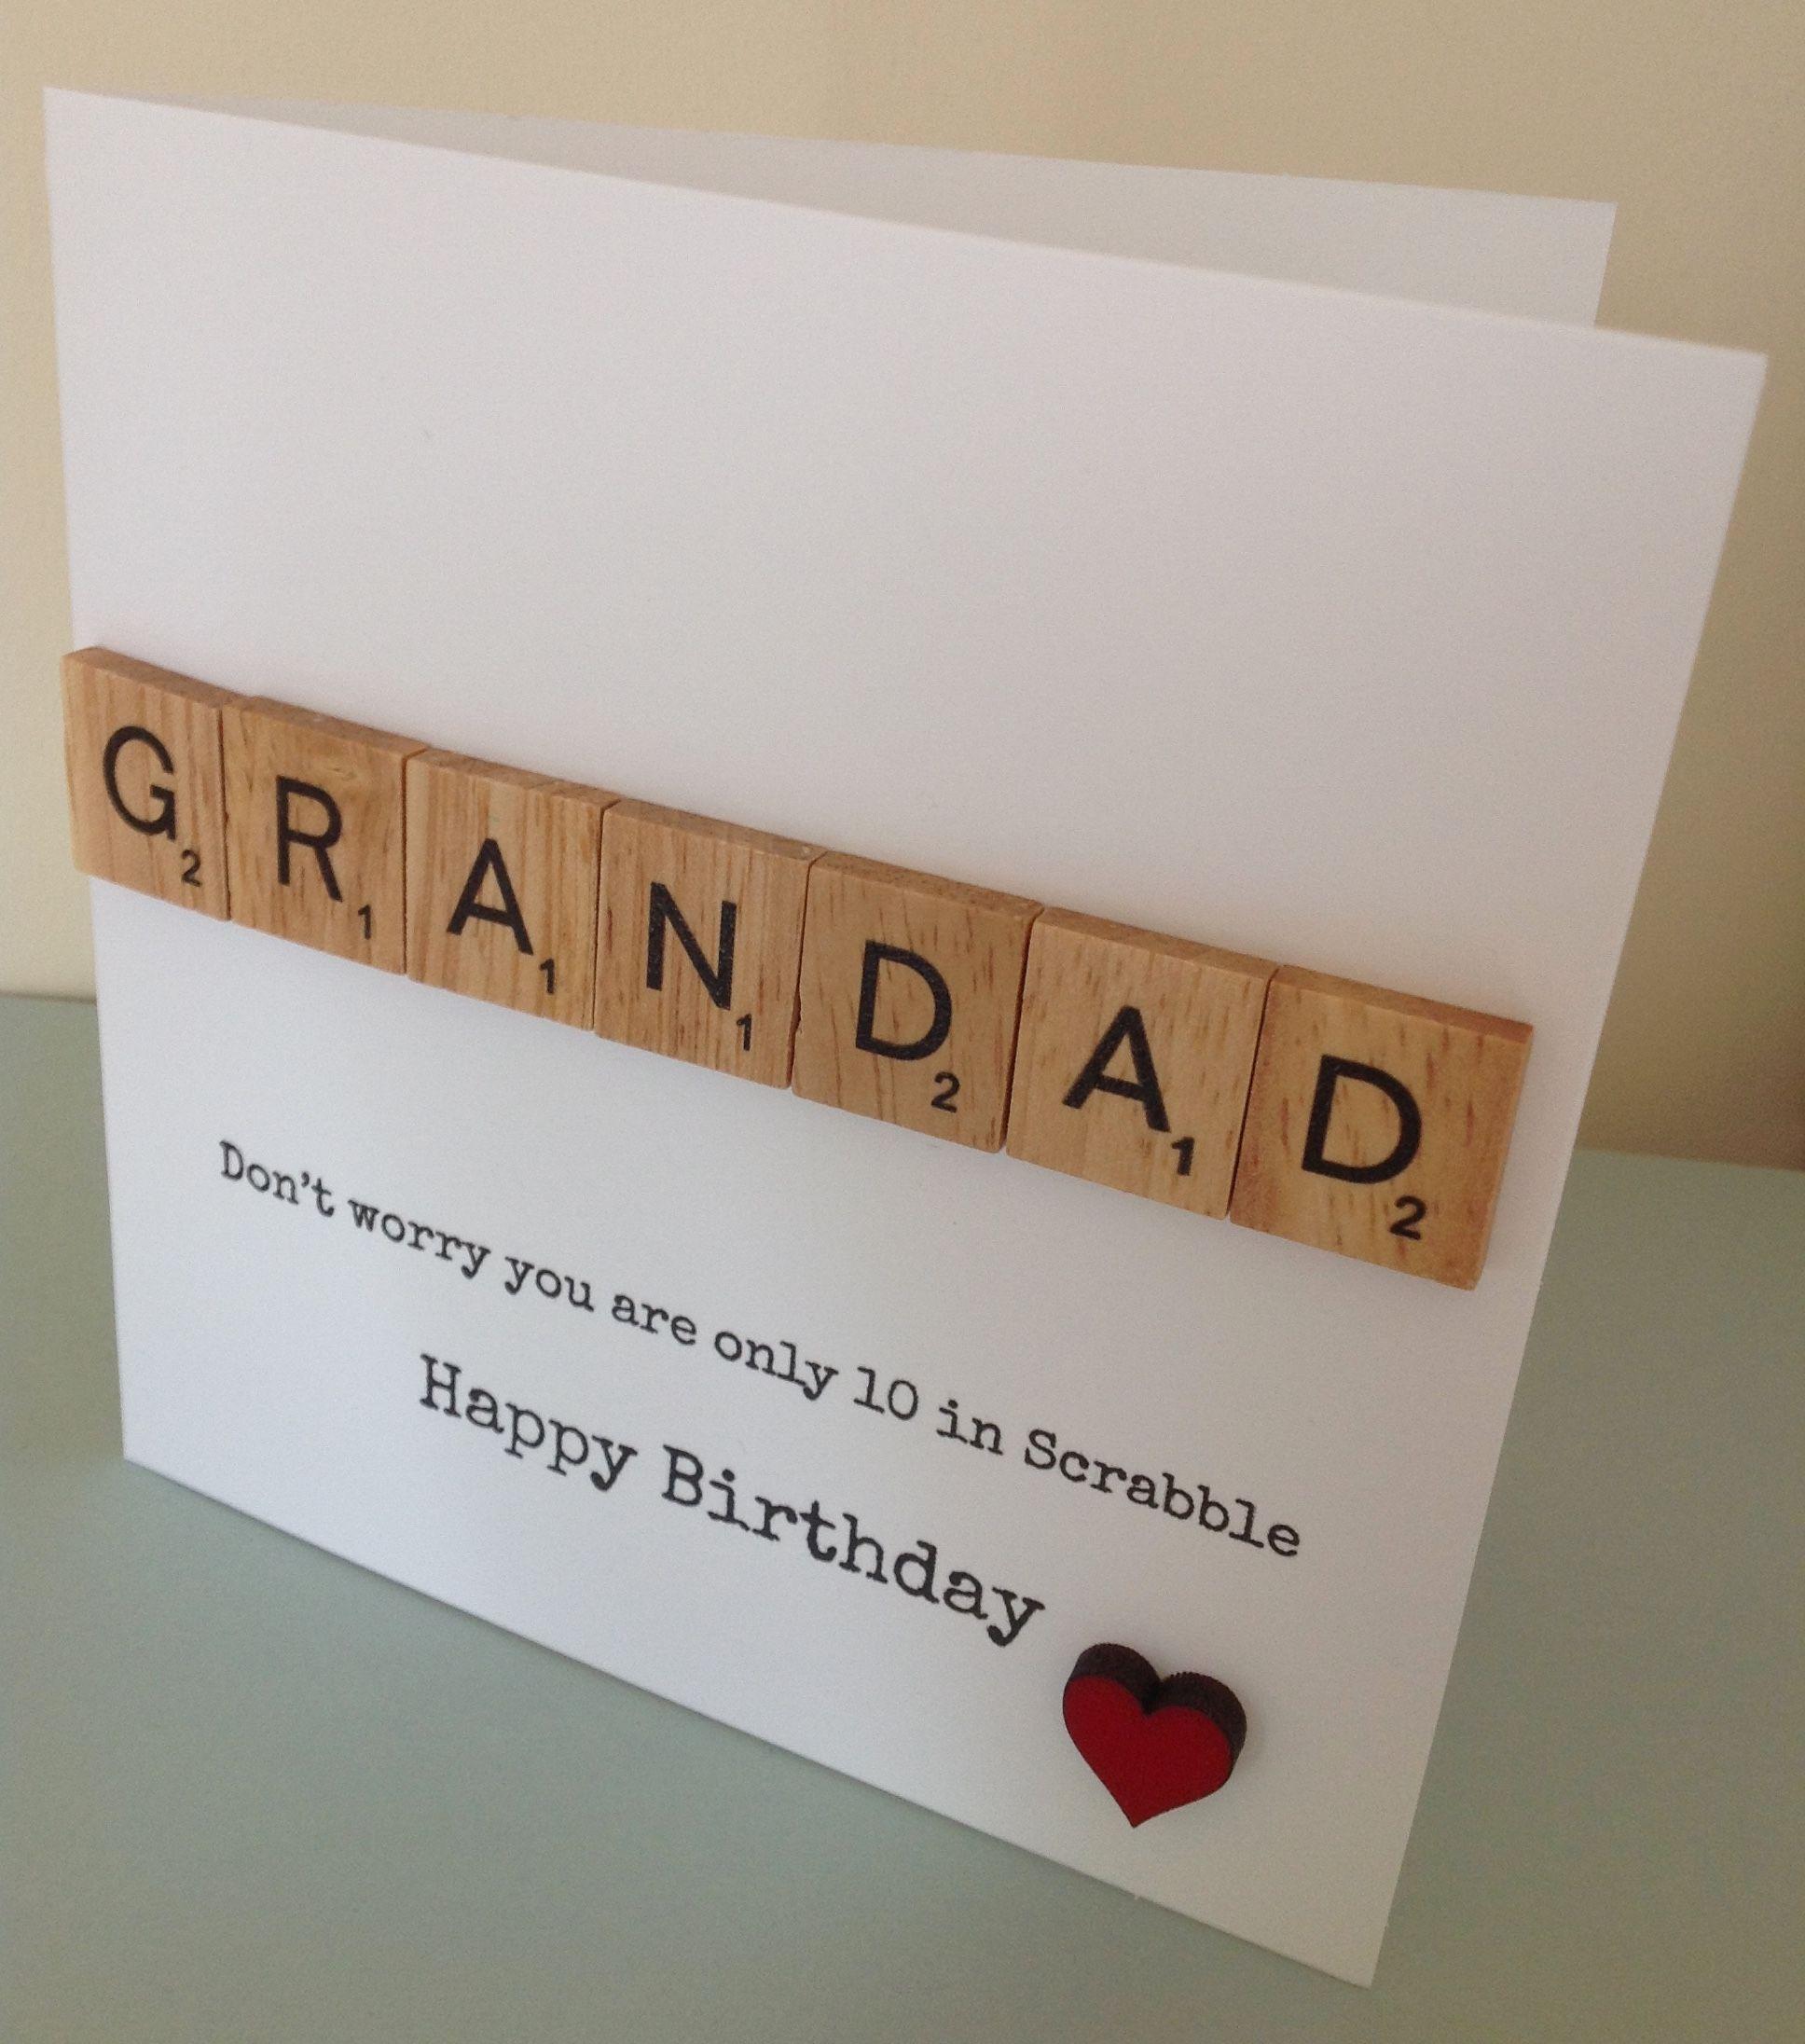 Grandad Birthday Card Www Facebook Com Funkyjunk Upcycled Uk Grandad Birthday Cards Grandma Birthday Card 80th Birthday Cards